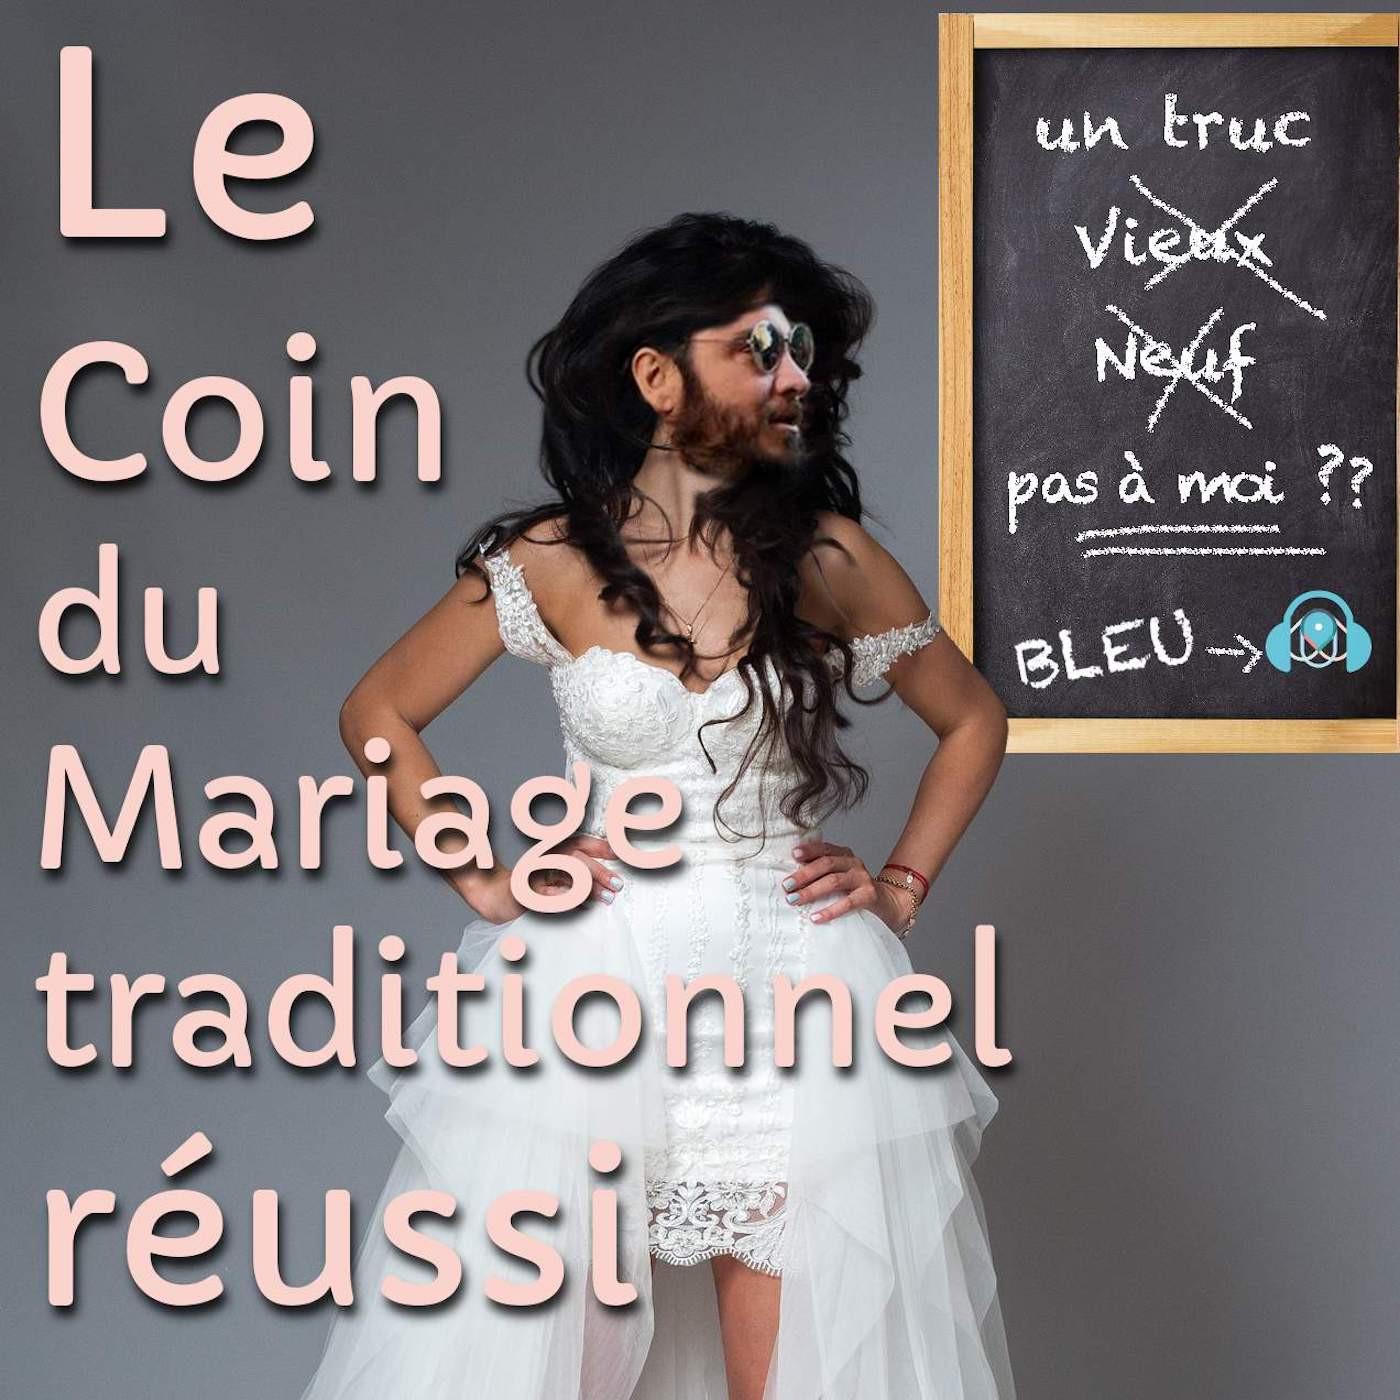 LE COIN DU MARIAGE TRADITIONNEL RÉUSSI S1E5